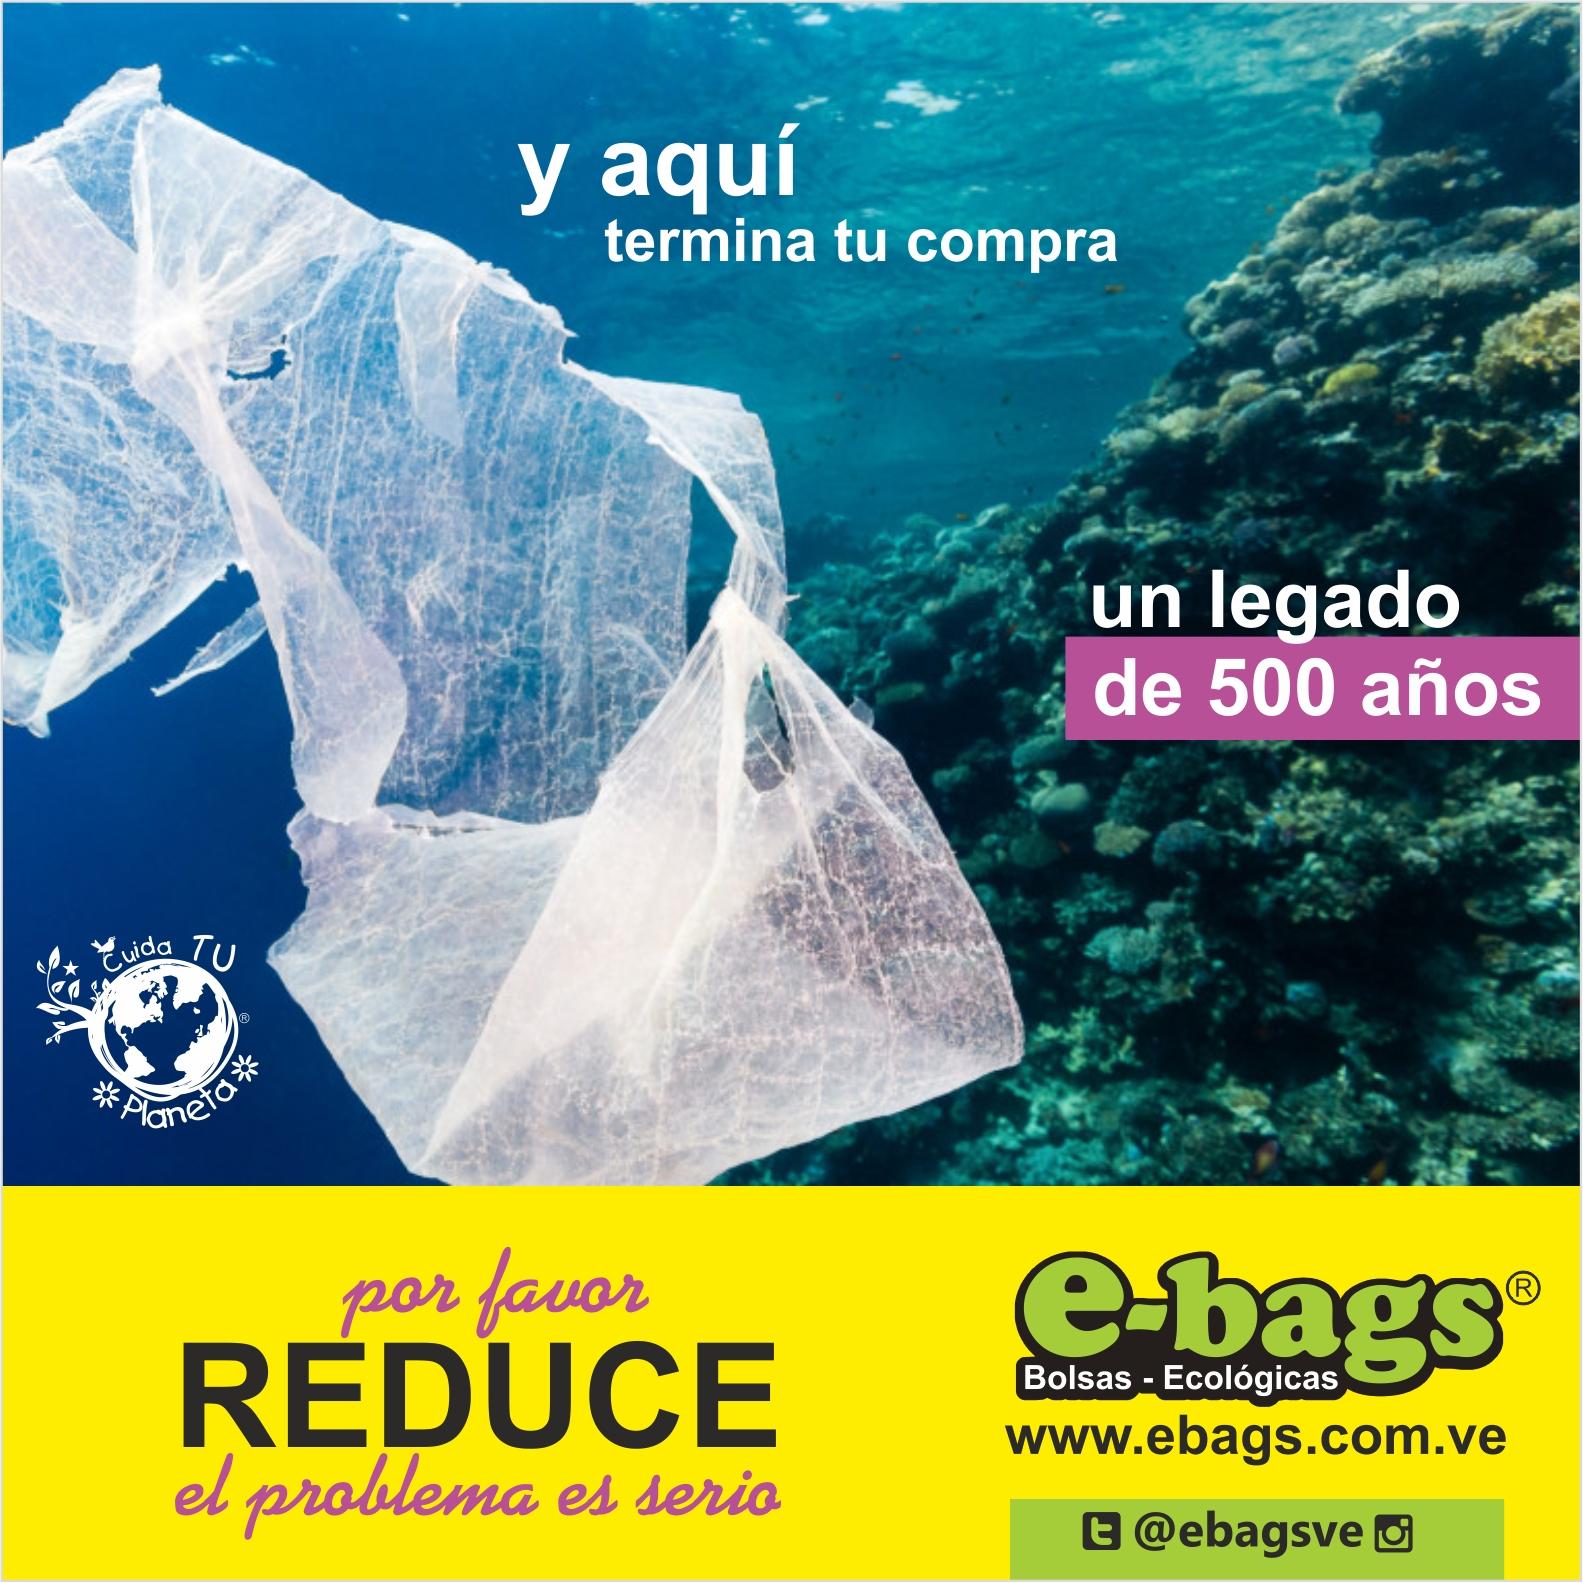 5d81ce4c1 Campañas Archives - E-Bags Bolsas Ecológicas - Se parte de la solucion